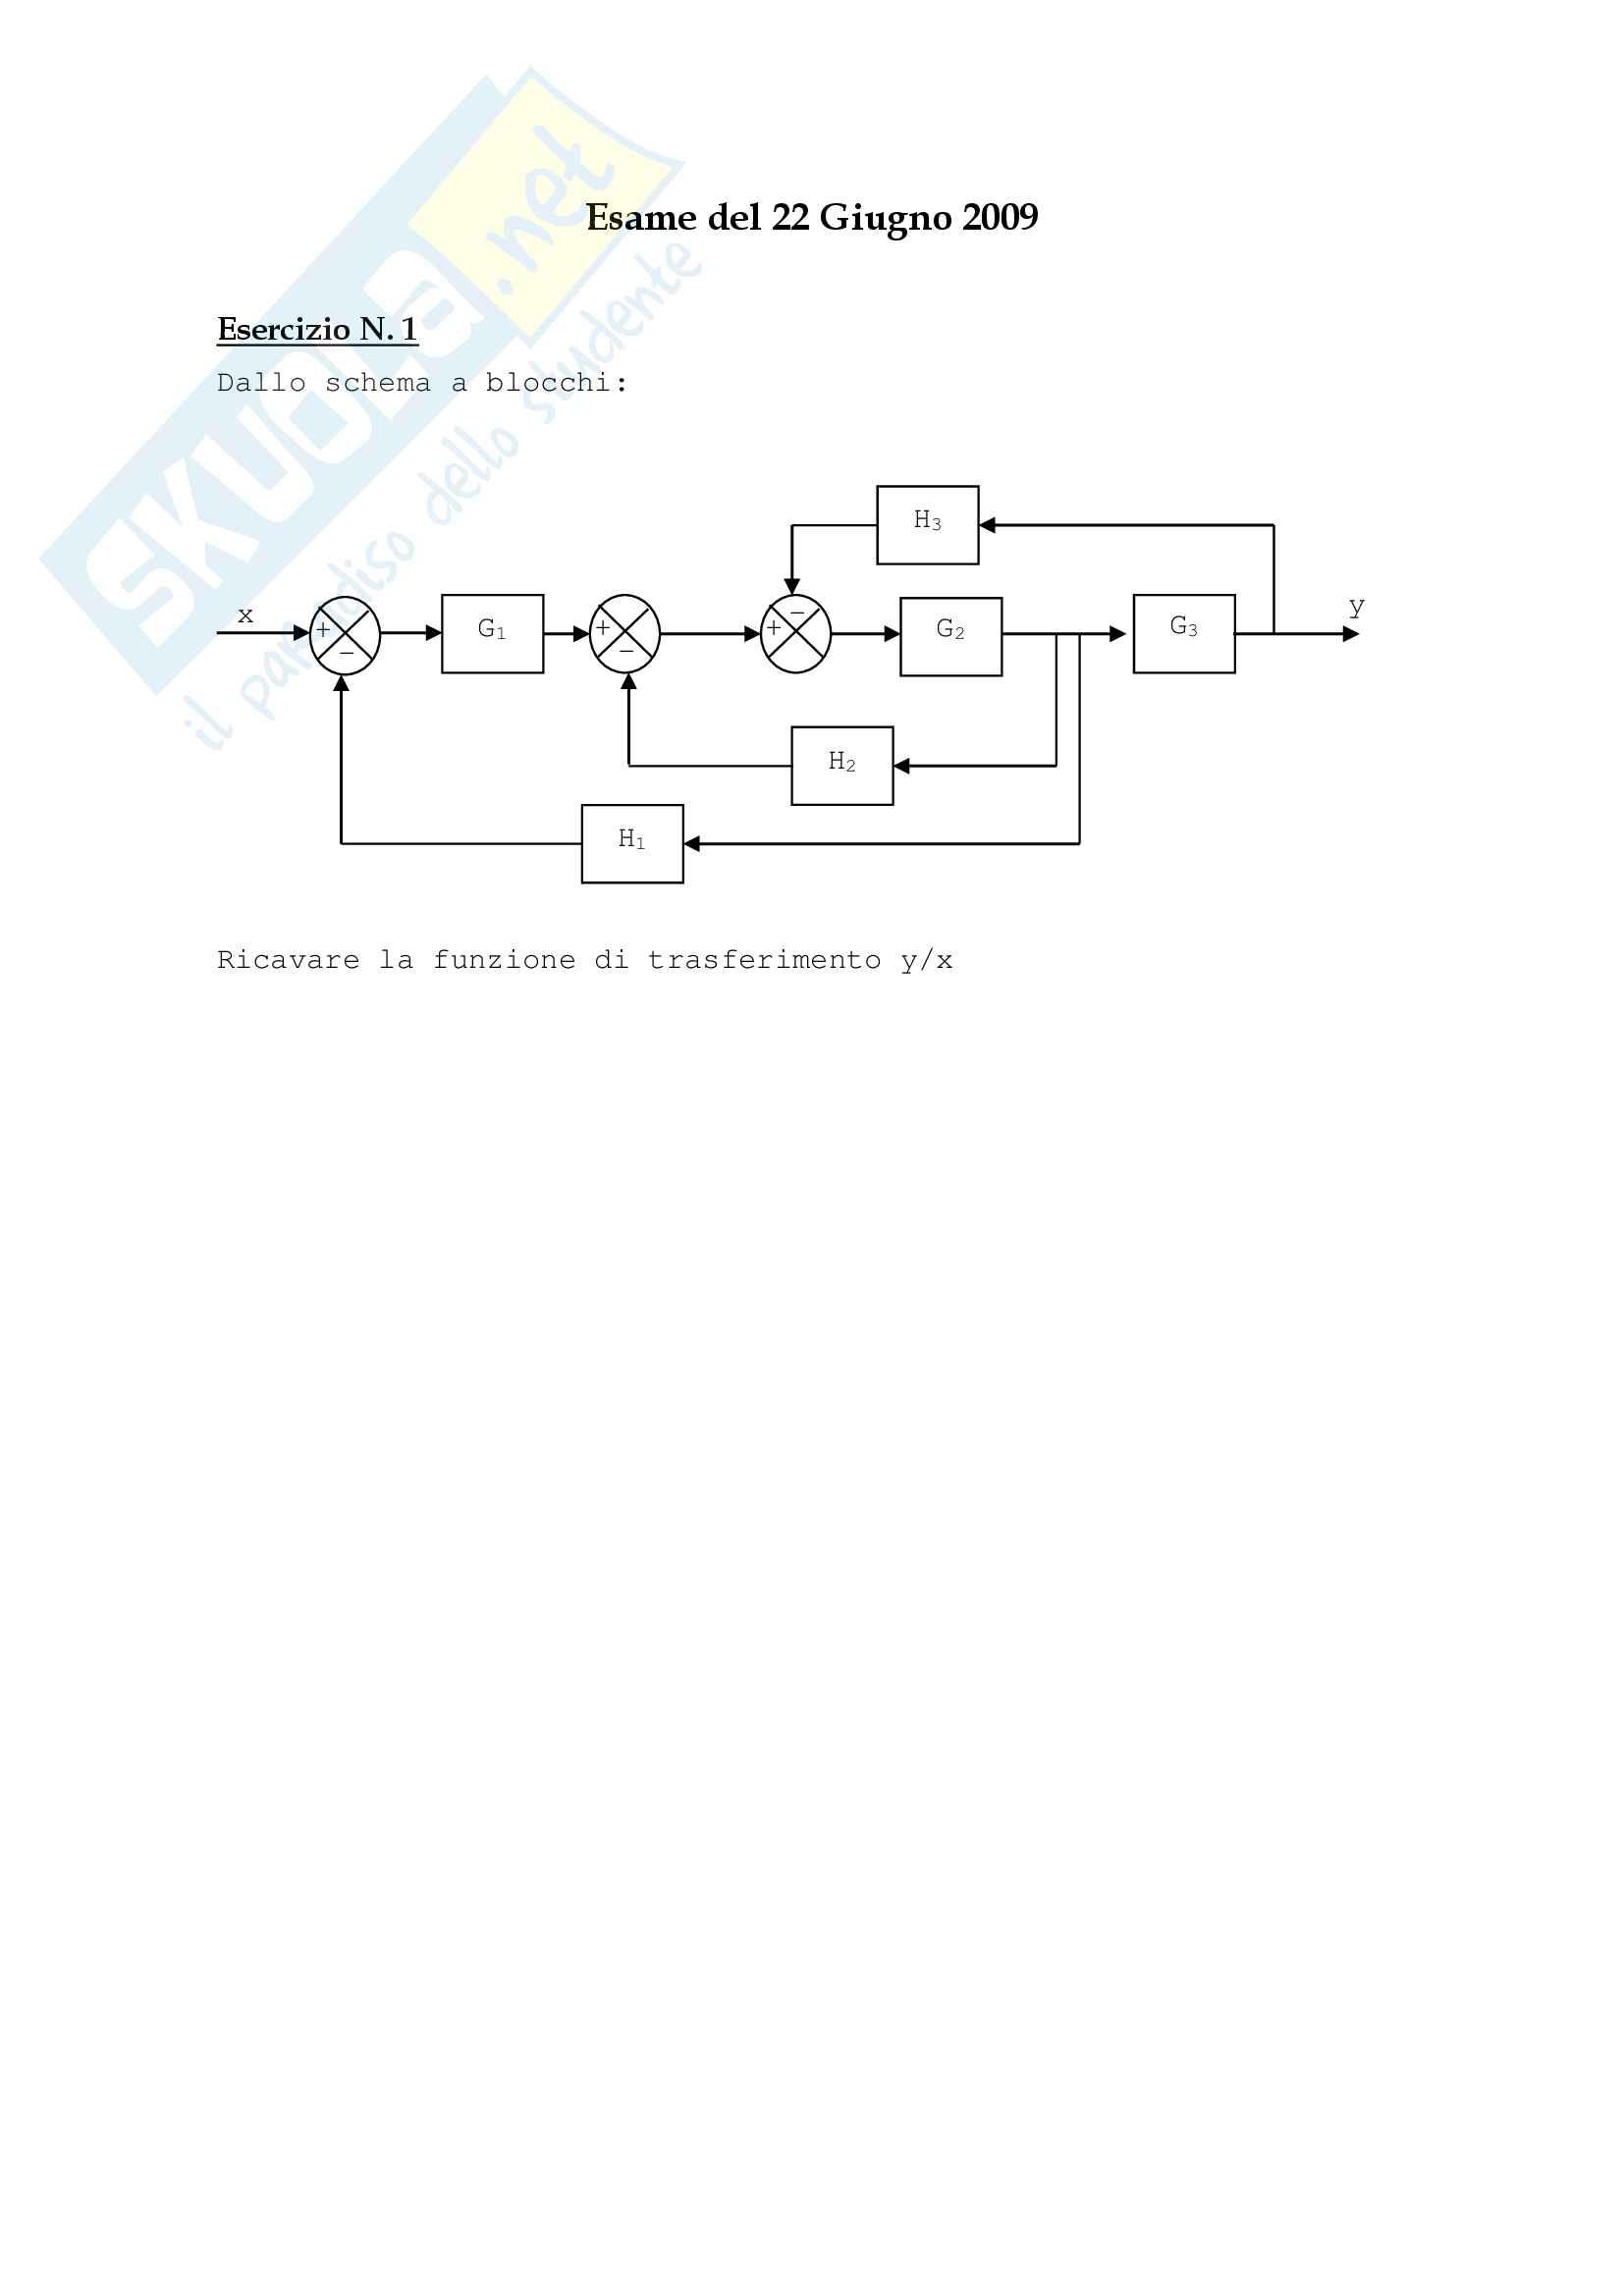 21 Temi D'Esame dal 2008 al  2016, Controllo dei sistemi meccanici Pag. 11